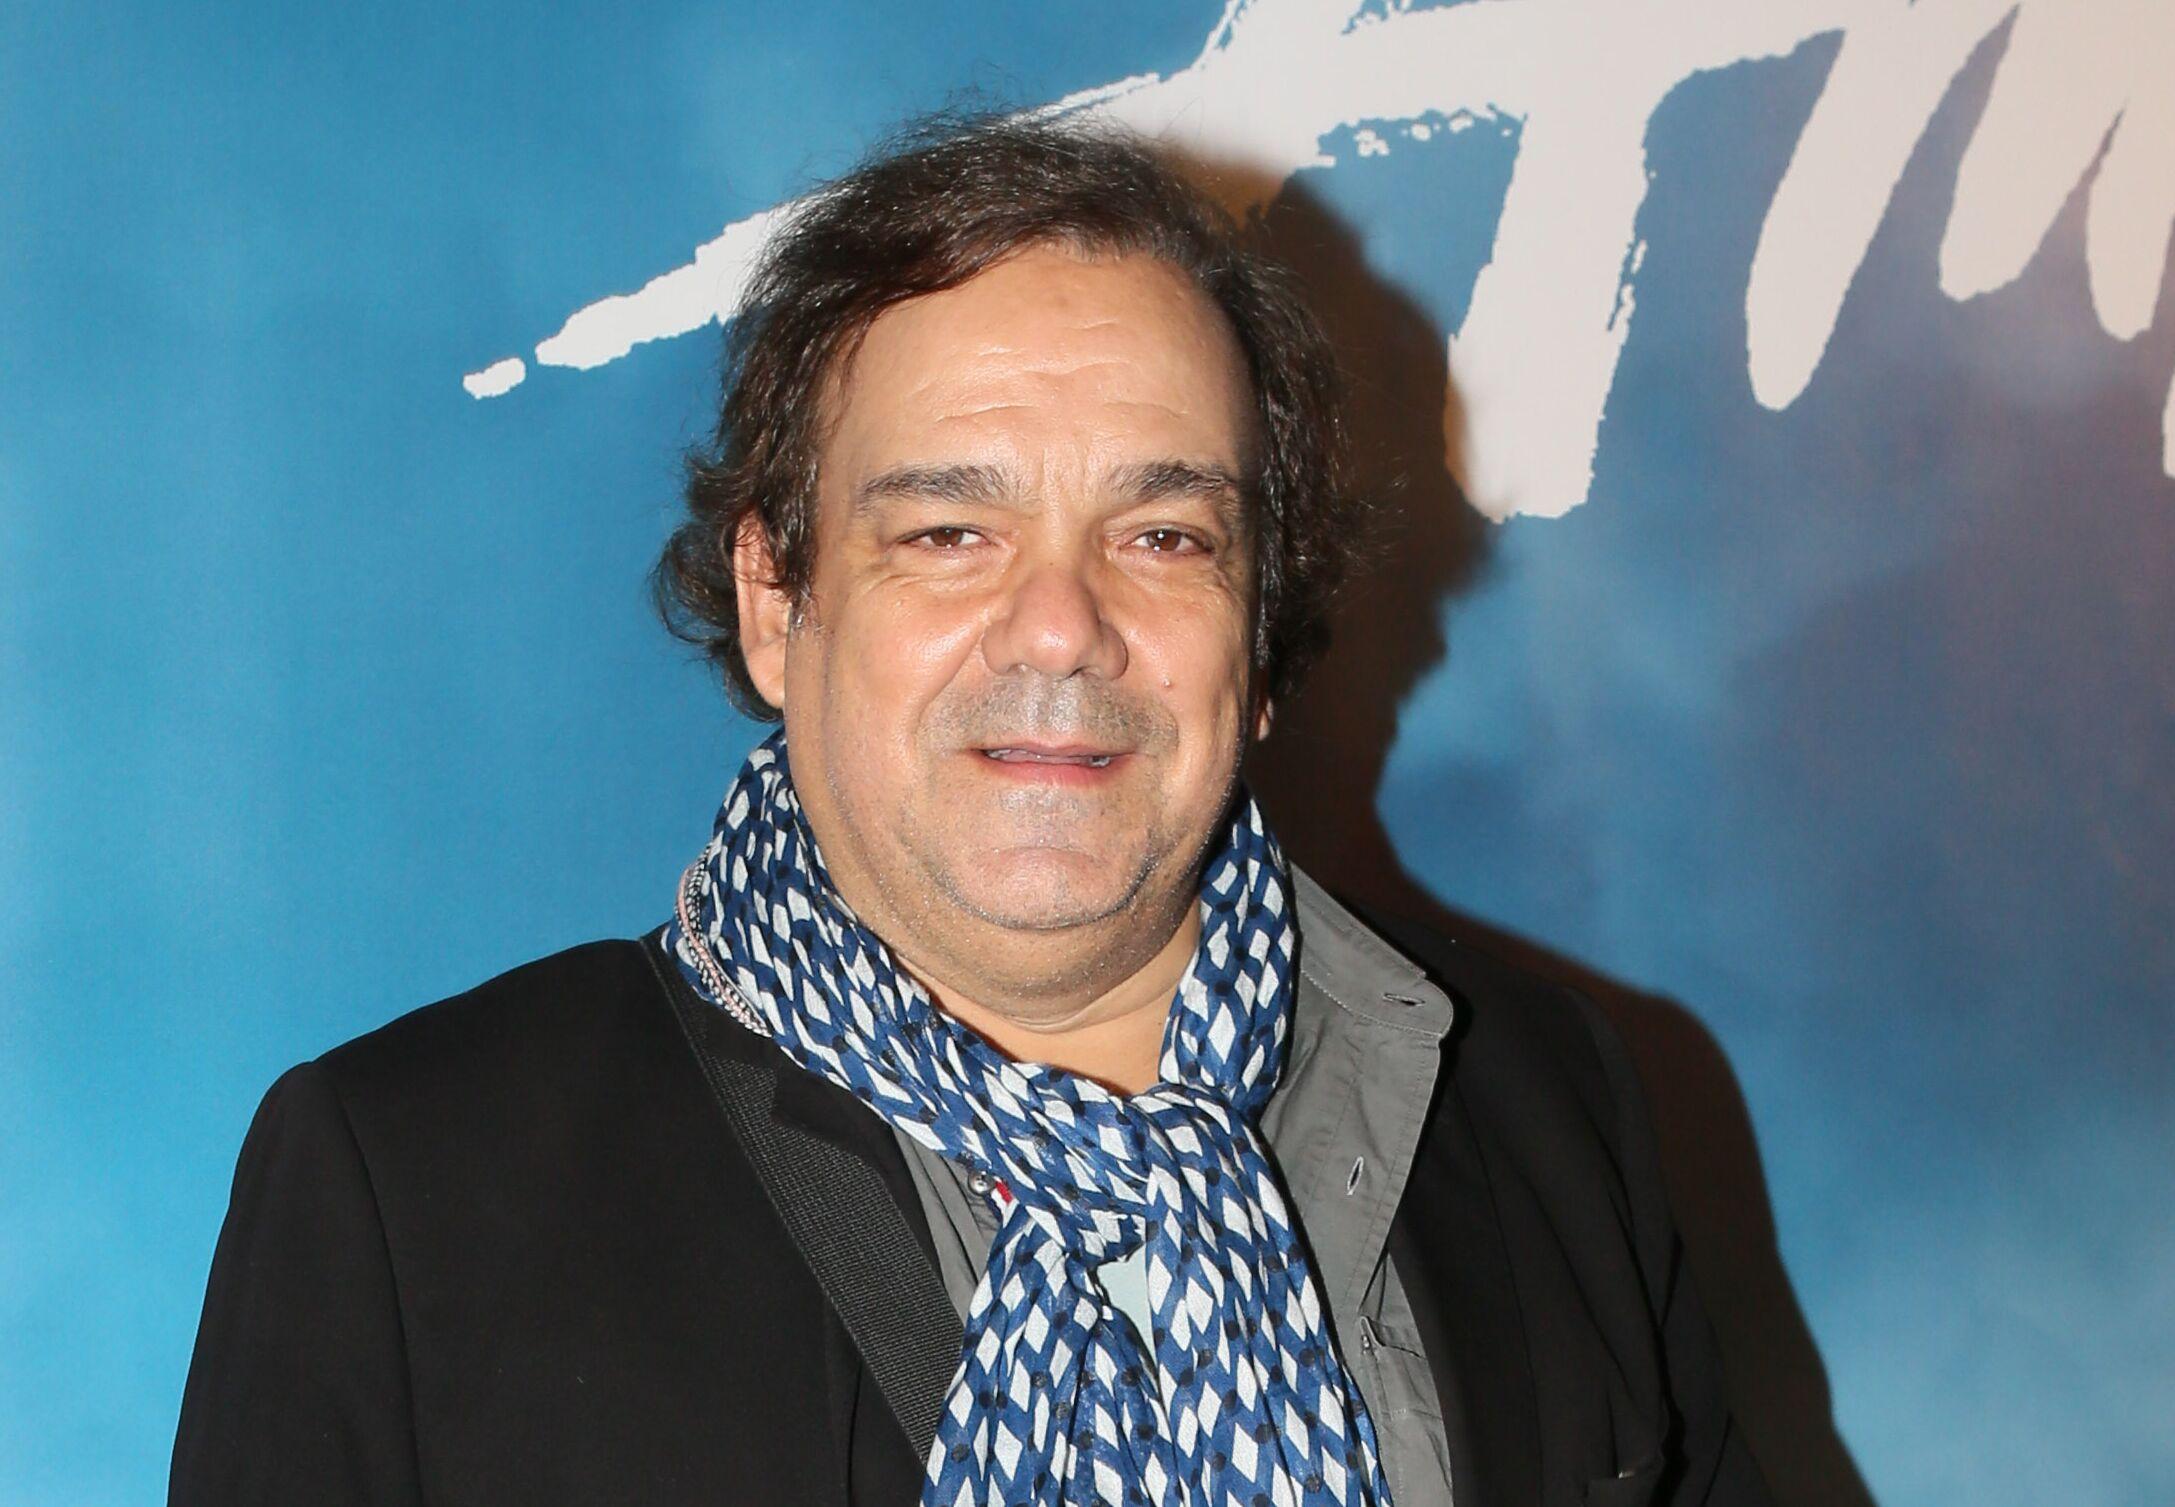 Didier Bourdon La Biographie De Didier Bourdon Avec Gala Fr